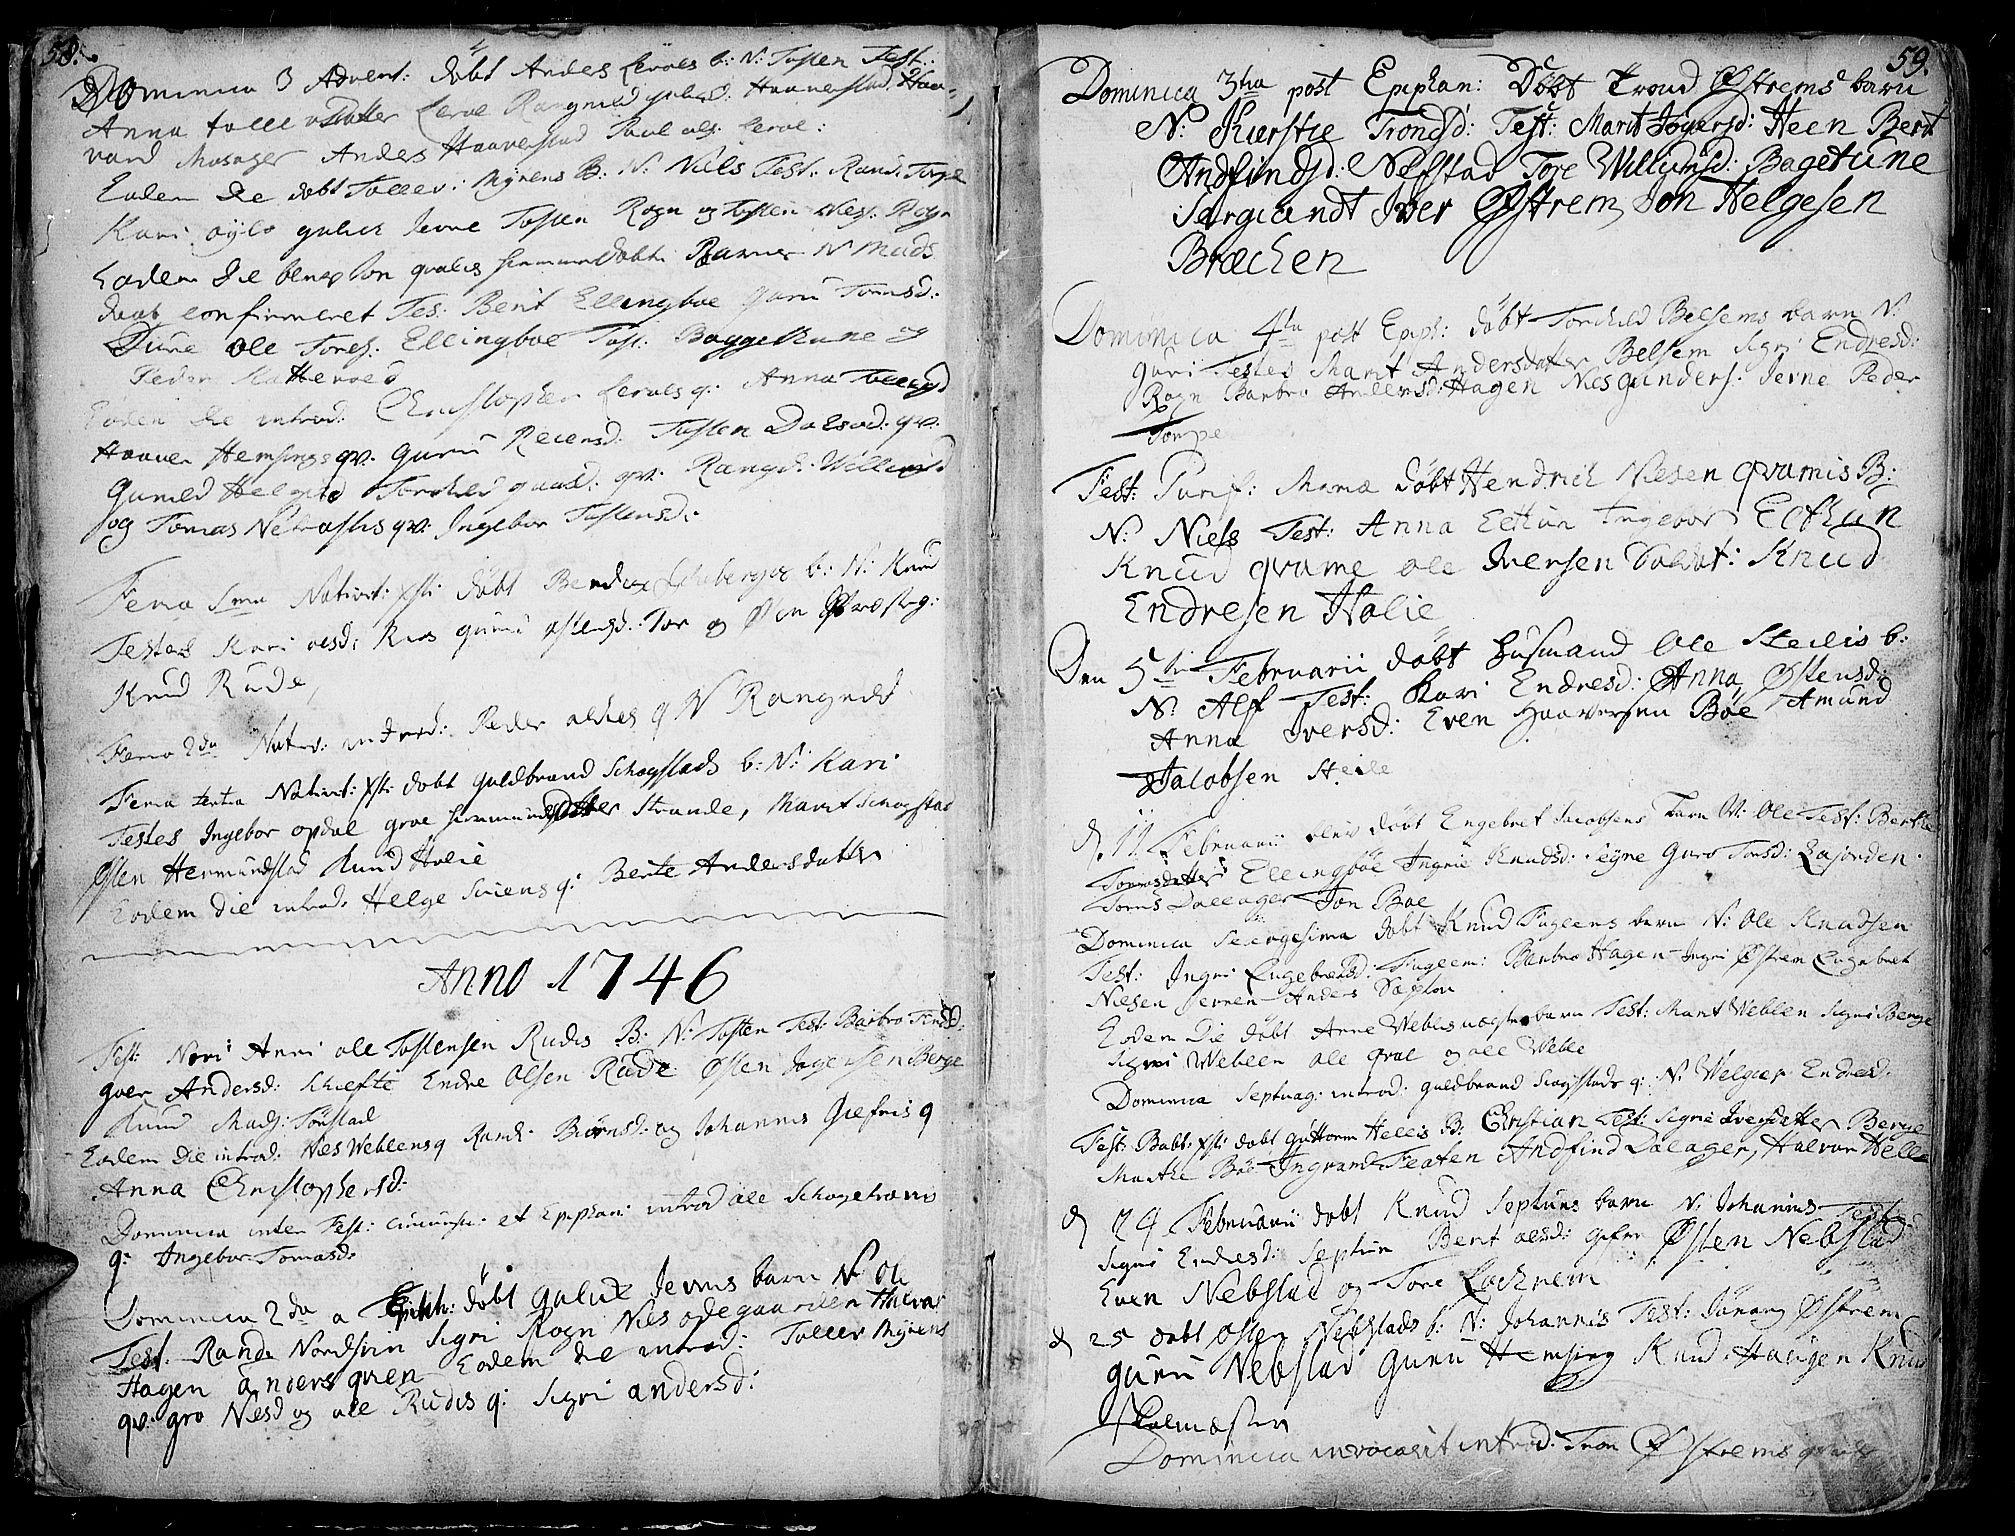 SAH, Vang prestekontor, Valdres, Ministerialbok nr. 1, 1730-1796, s. 58-59